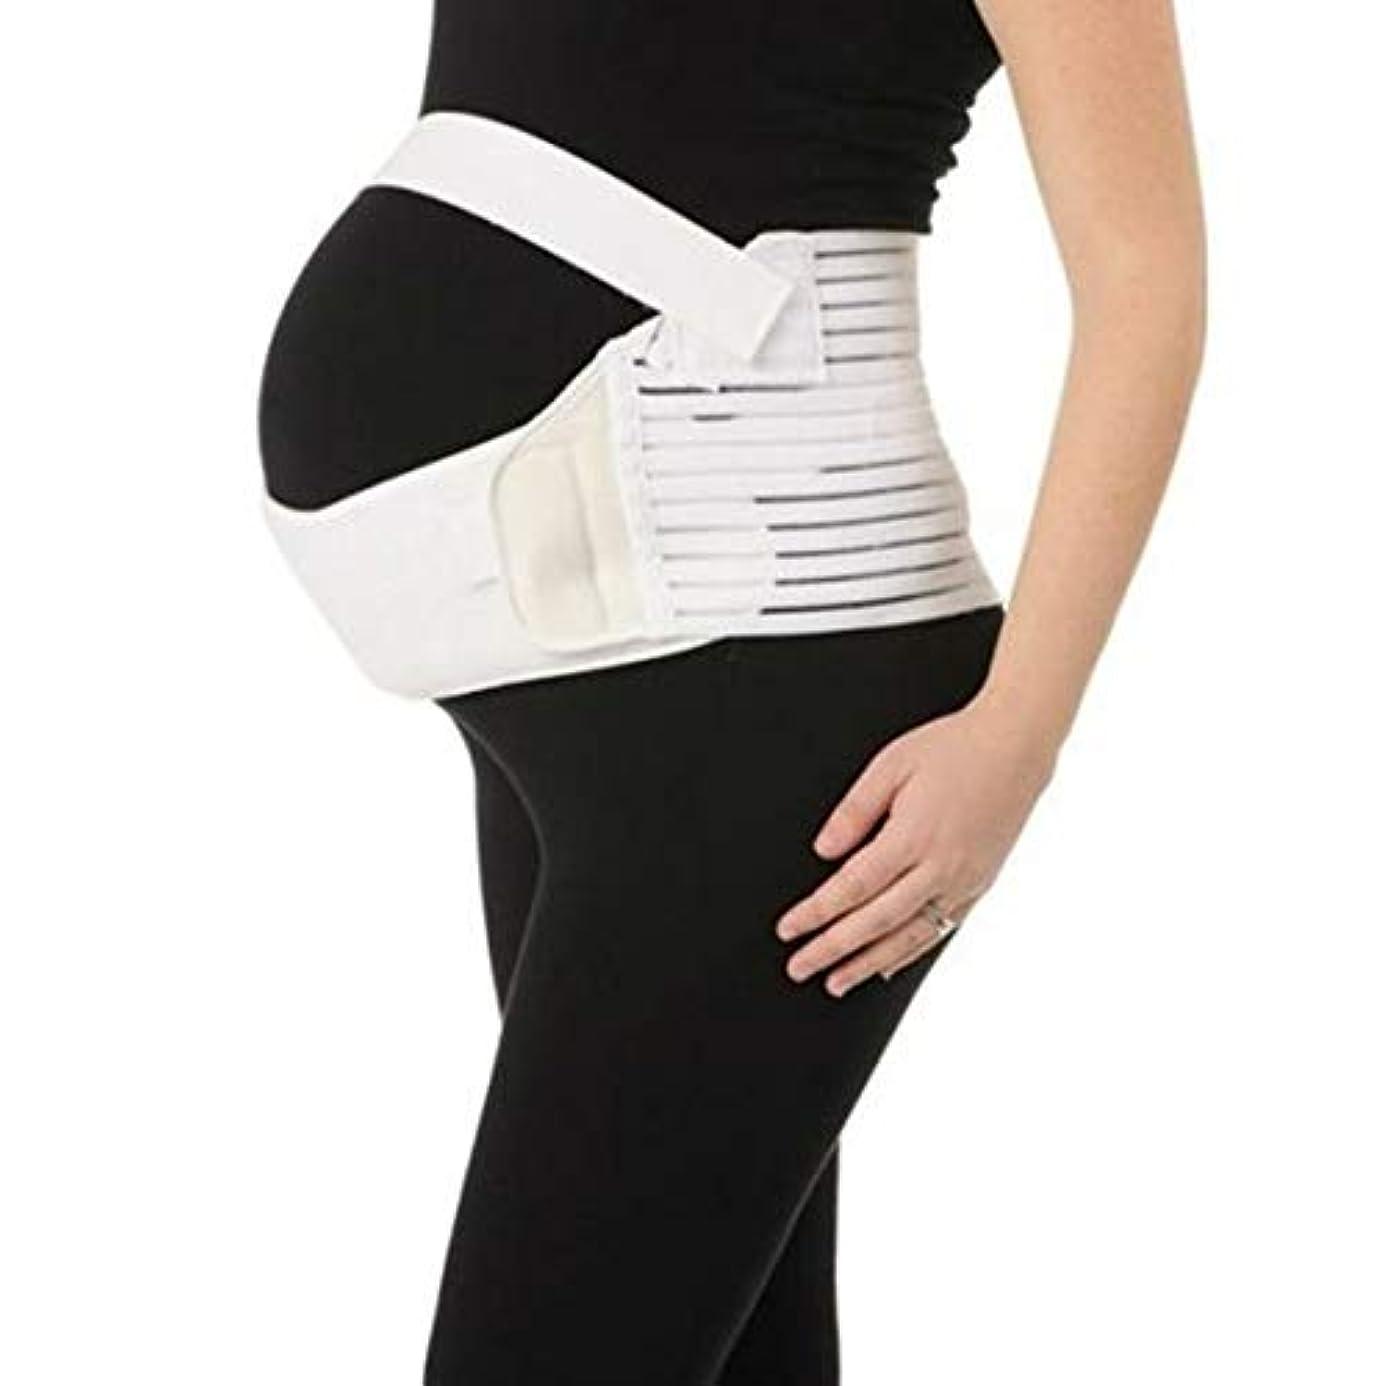 おもちゃ定数負担通気性マタニティベルト妊娠腹部サポート腹部バインダーガードル運動包帯産後回復形状ウェア - ホワイトXL